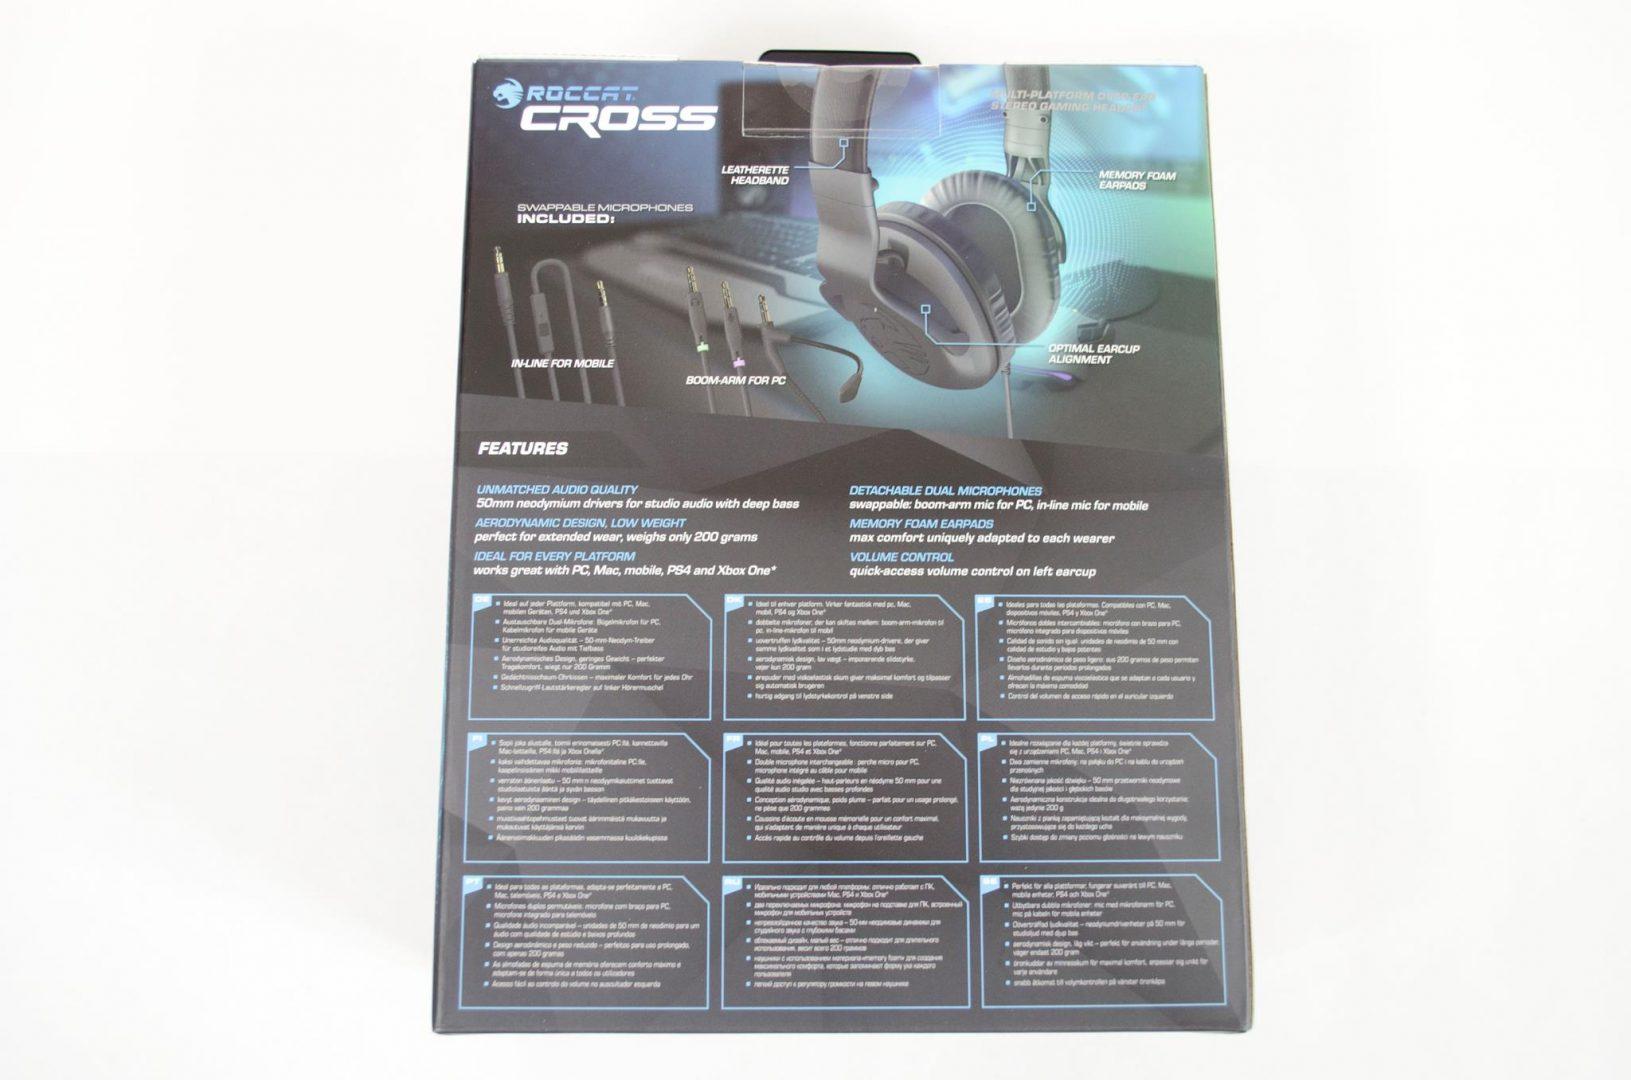 roccat cross headset review_1